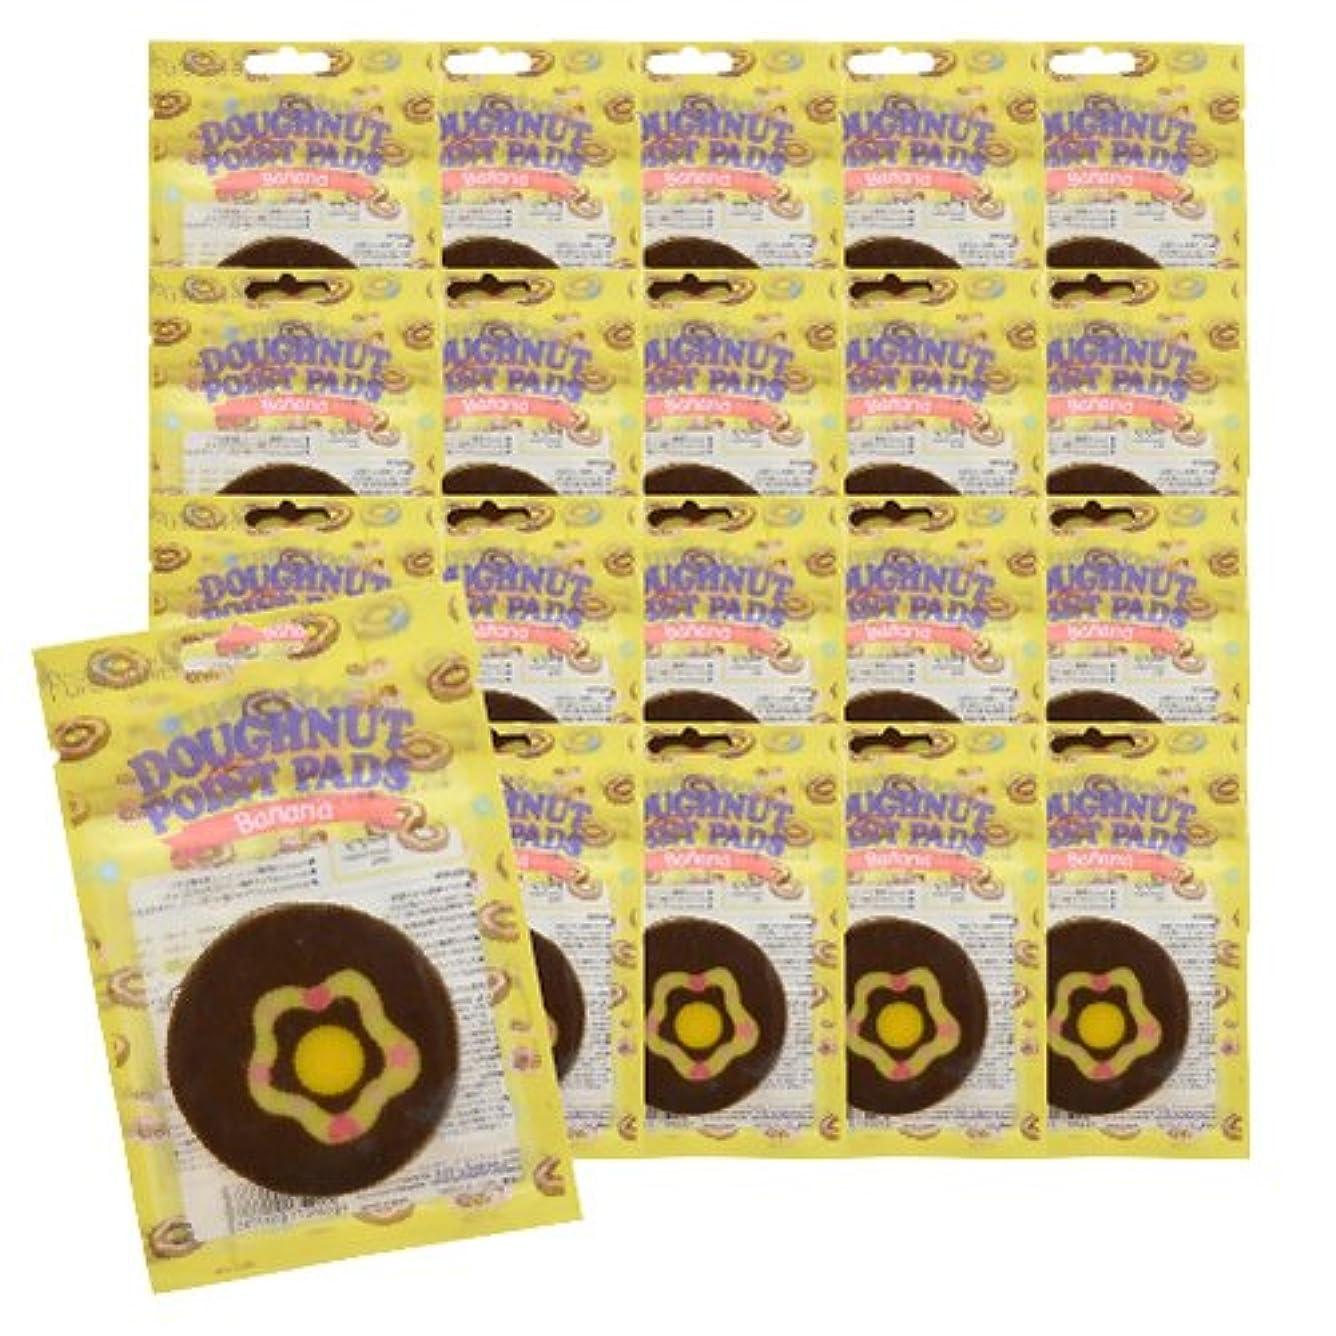 りんごポスト印象派熱意ピュアスマイル スイートドーナツポイントパッド バナナ 20枚パック